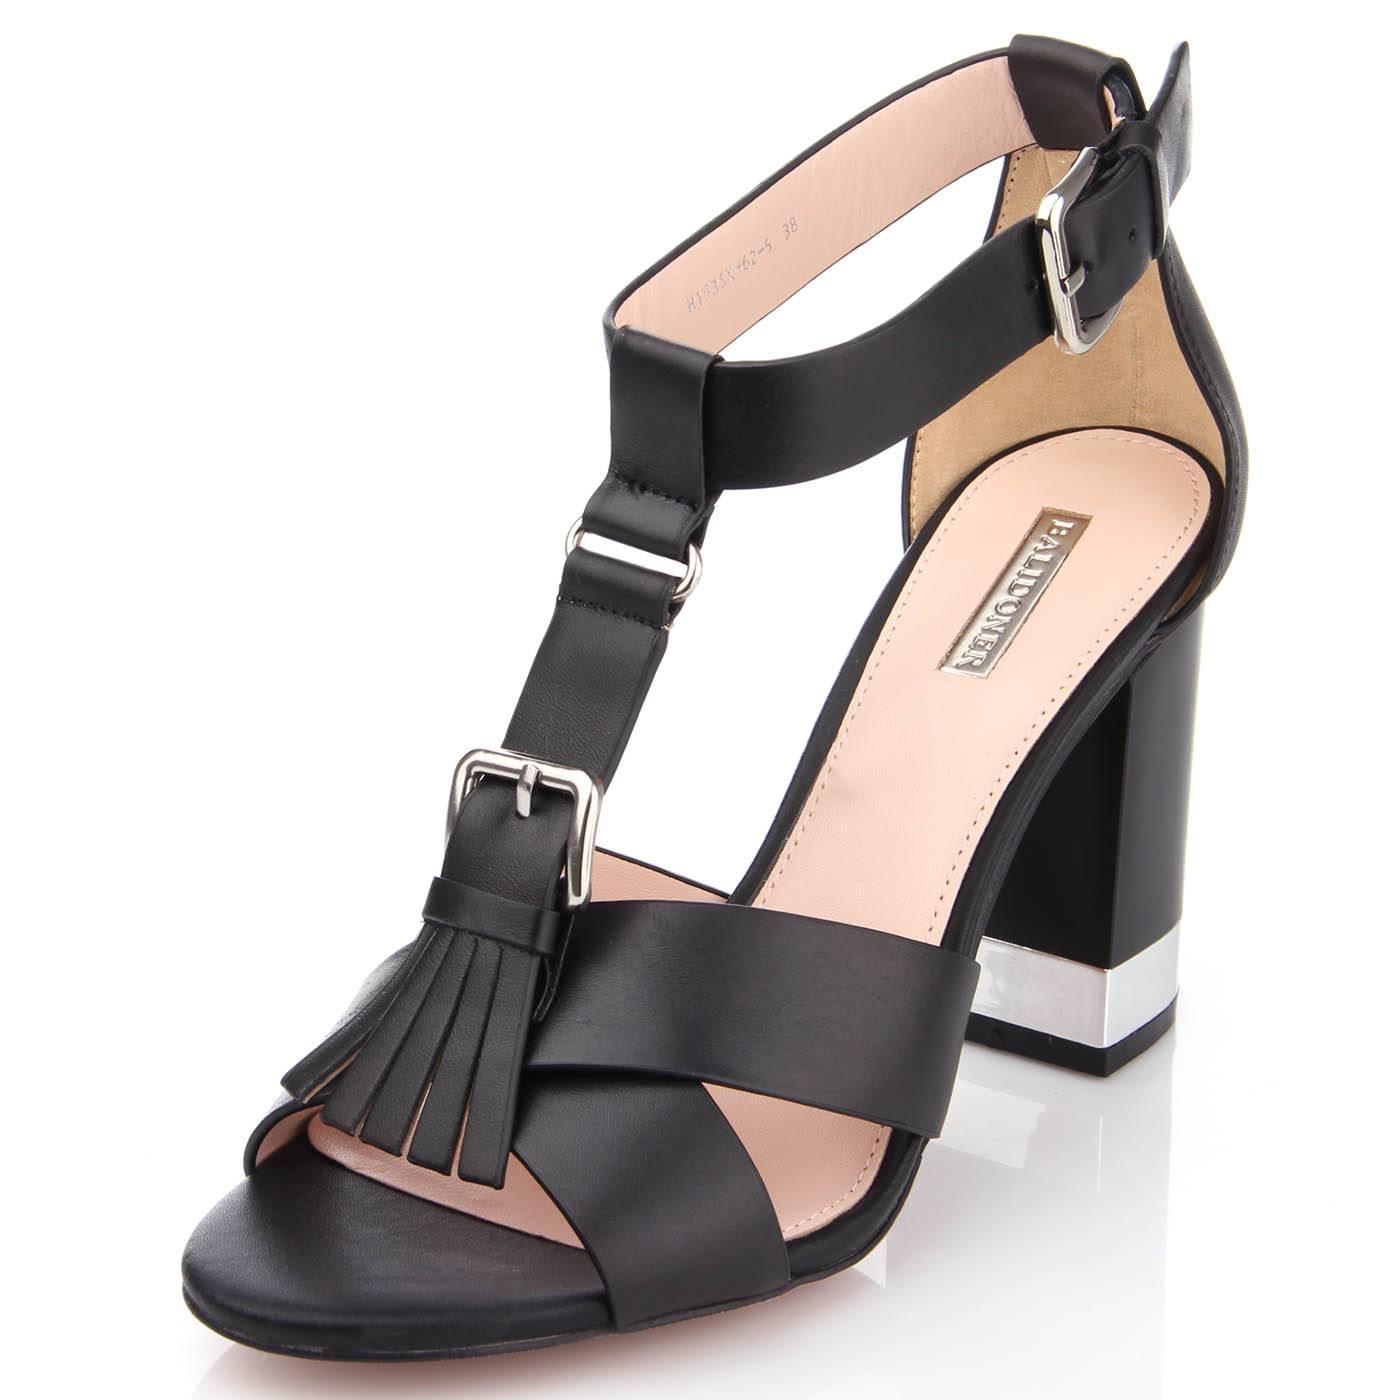 Босоніжки жіночі Balidoner 6755 Чорний купить по выгодной цене в ... a265878a77bfc